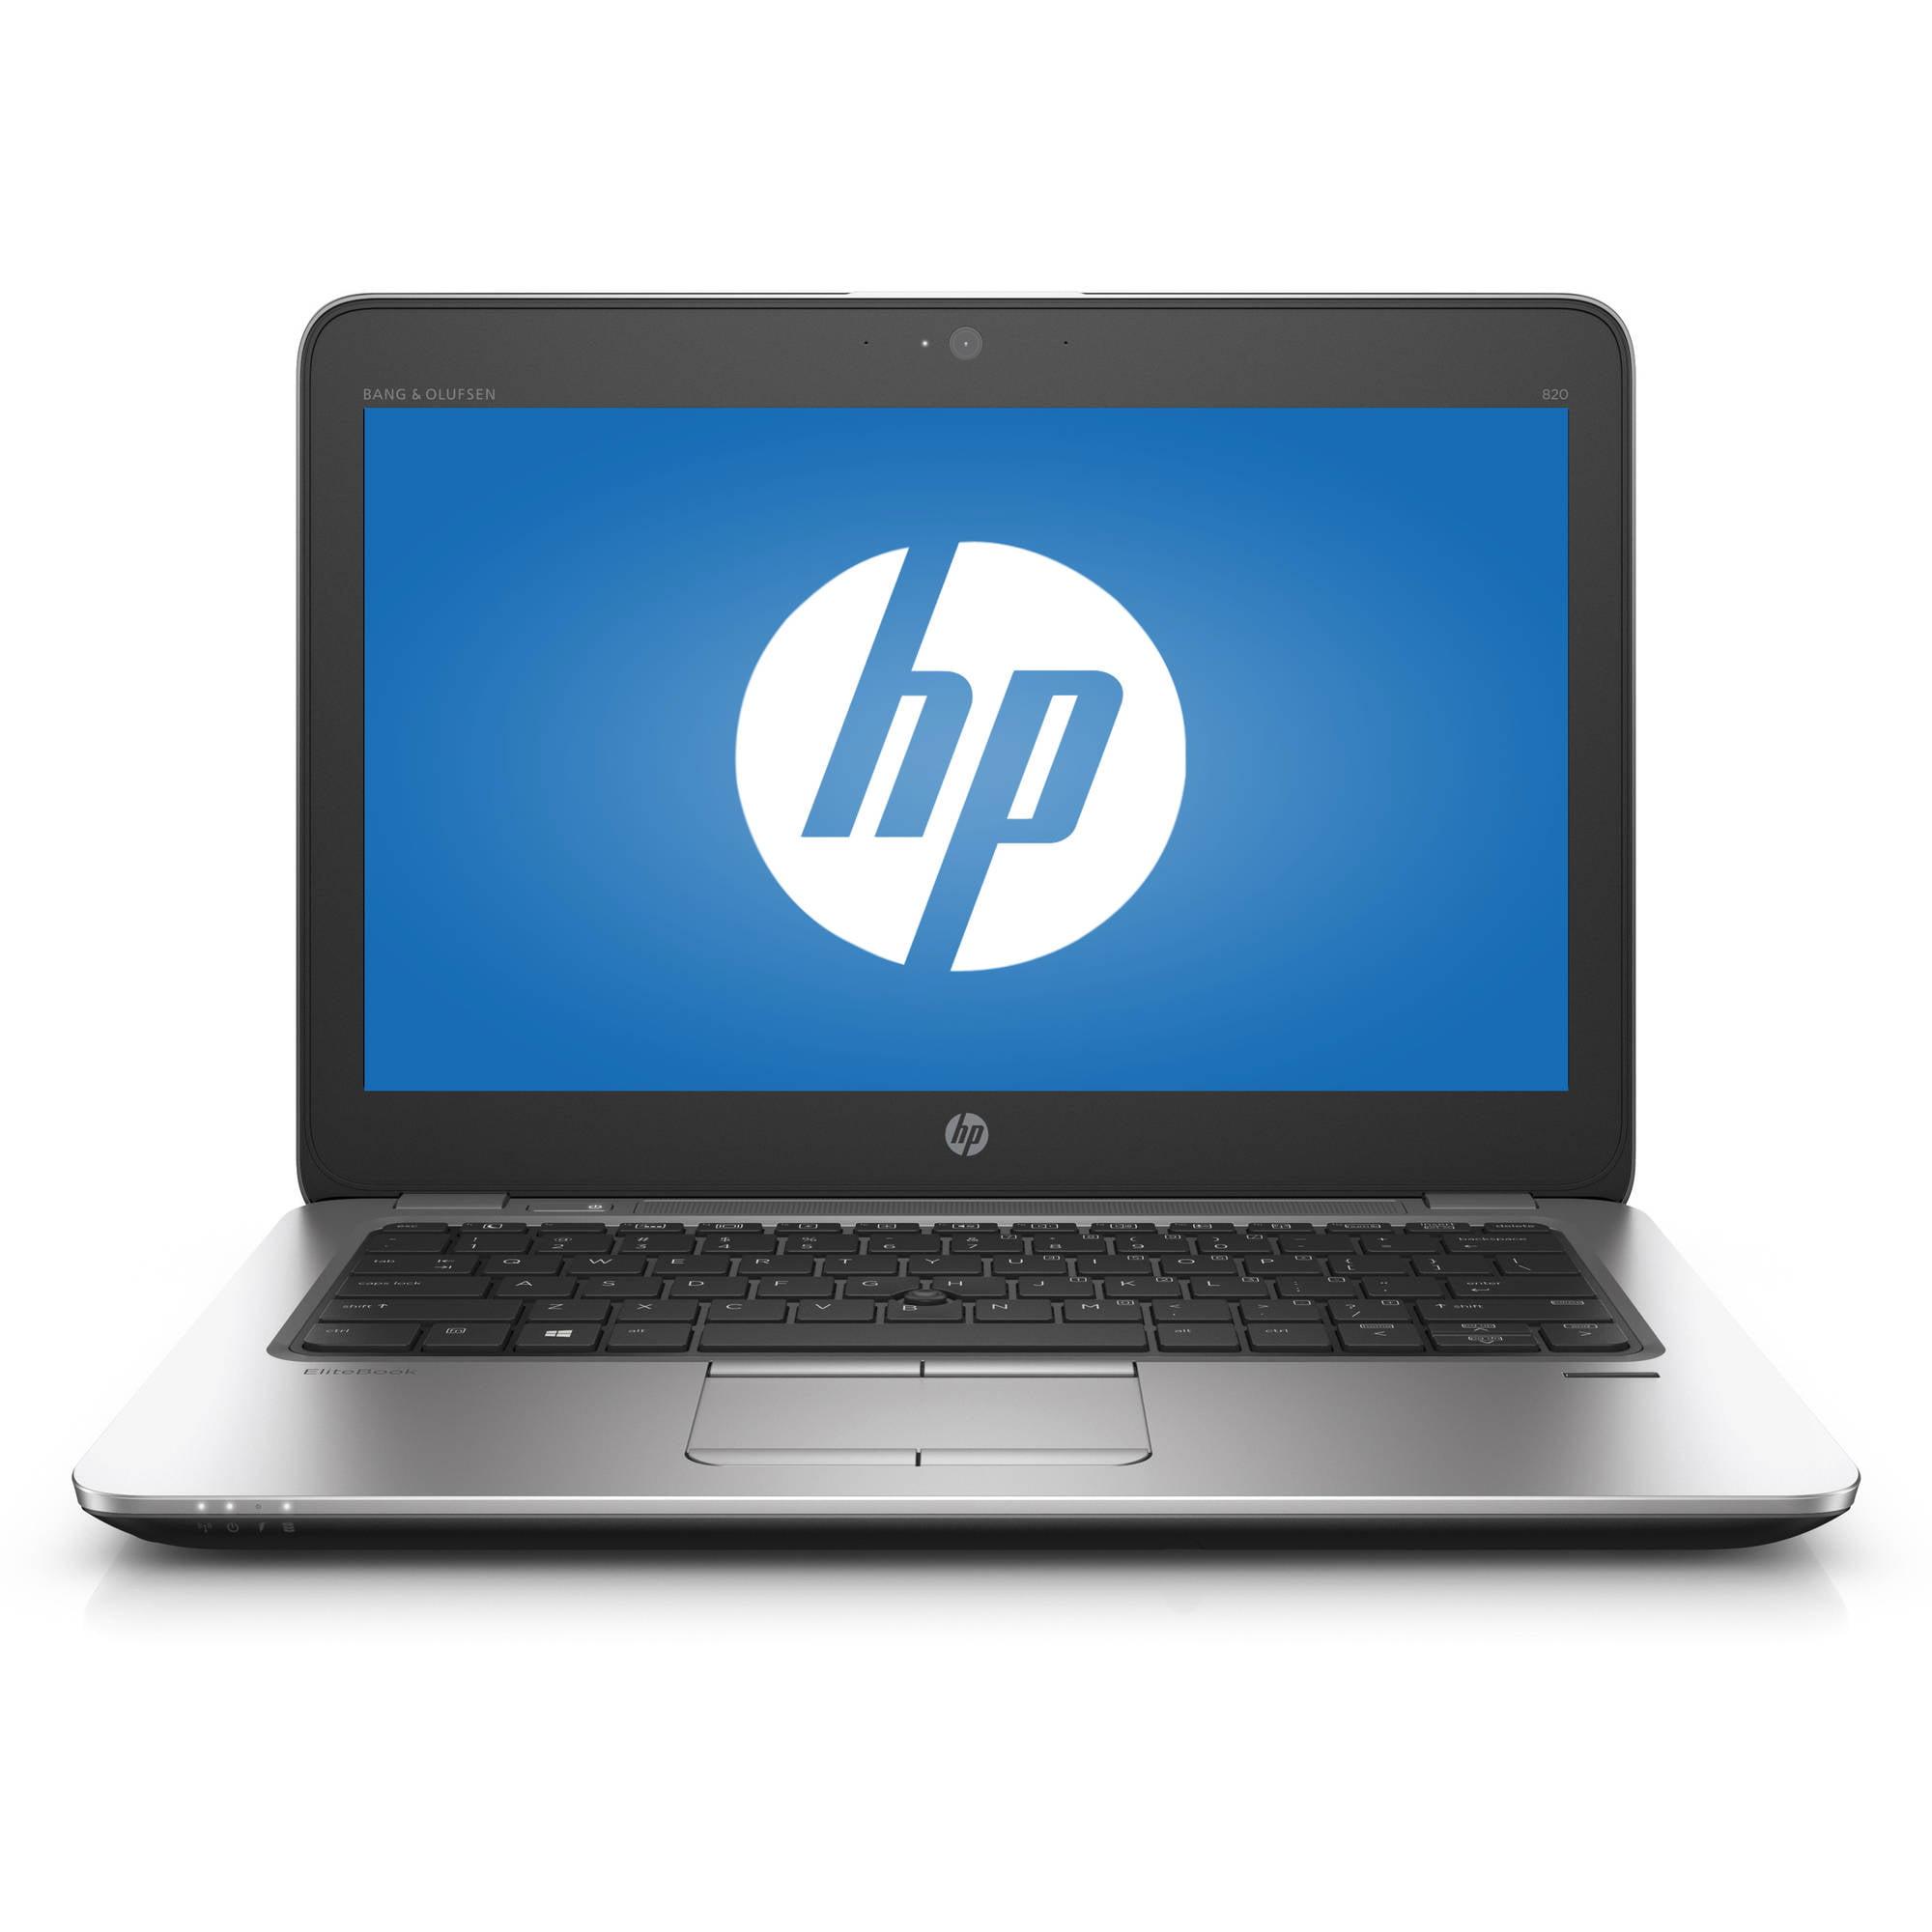 """HP EliteBook 820 G3 12.5"""" Laptop, Windows 7 Professional, Intel Core i5-6300U Processor, 8GB RAM, 500GB Hard Drive"""